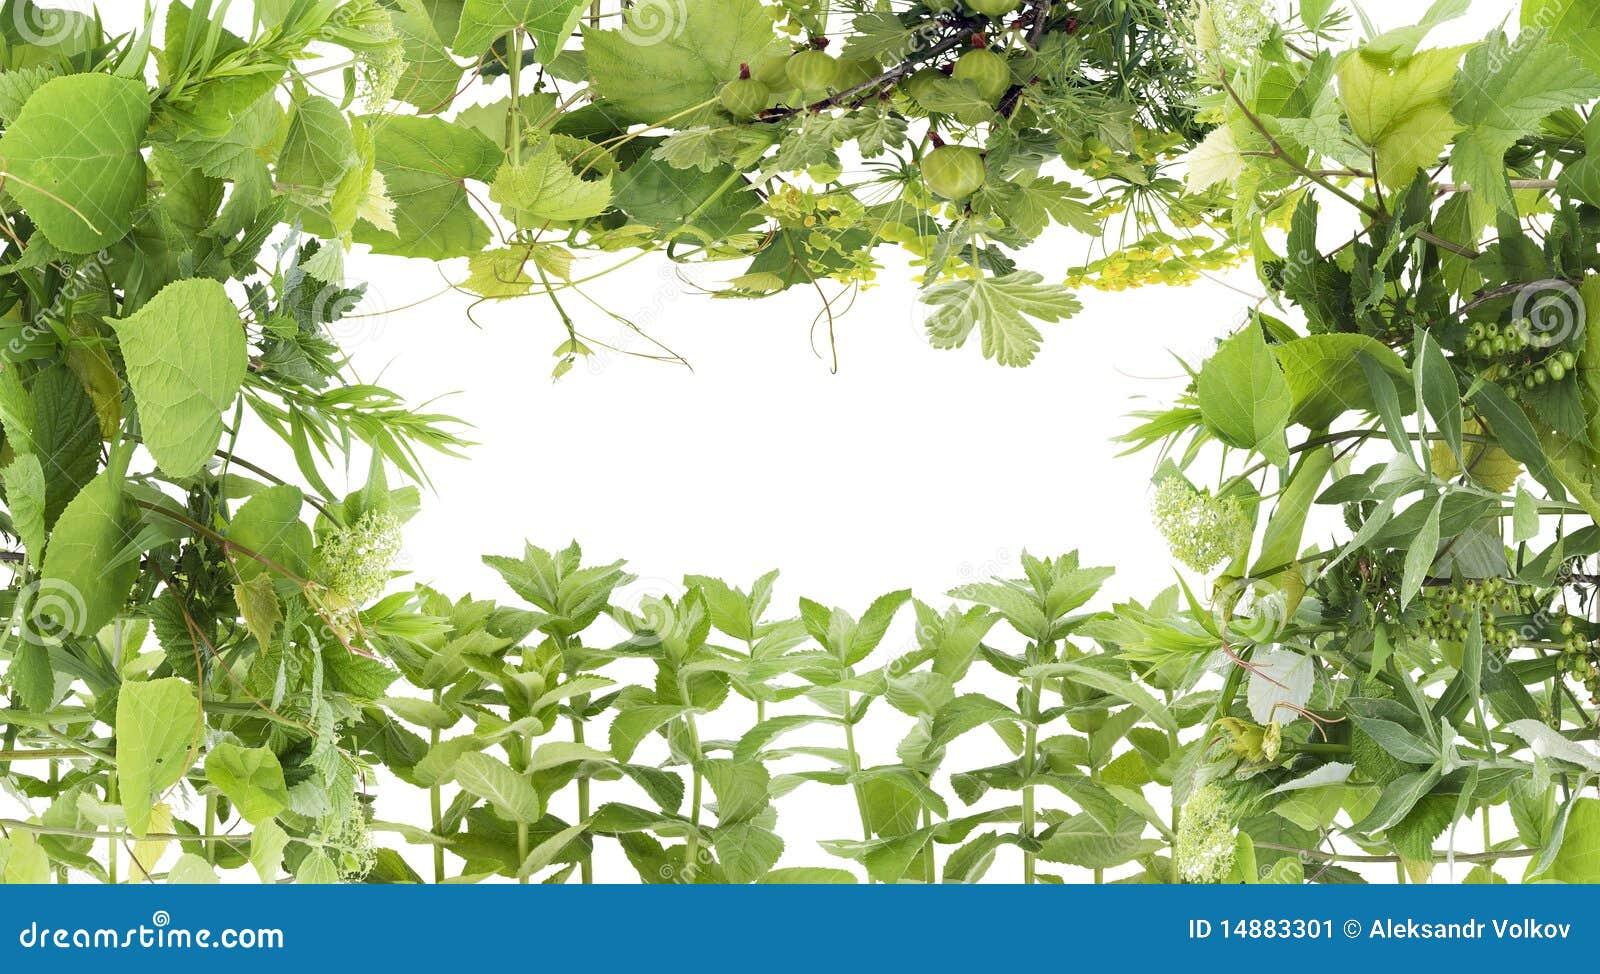 Marco verde de las plantas imagen de archivo imagen - Marcos para plantas ...